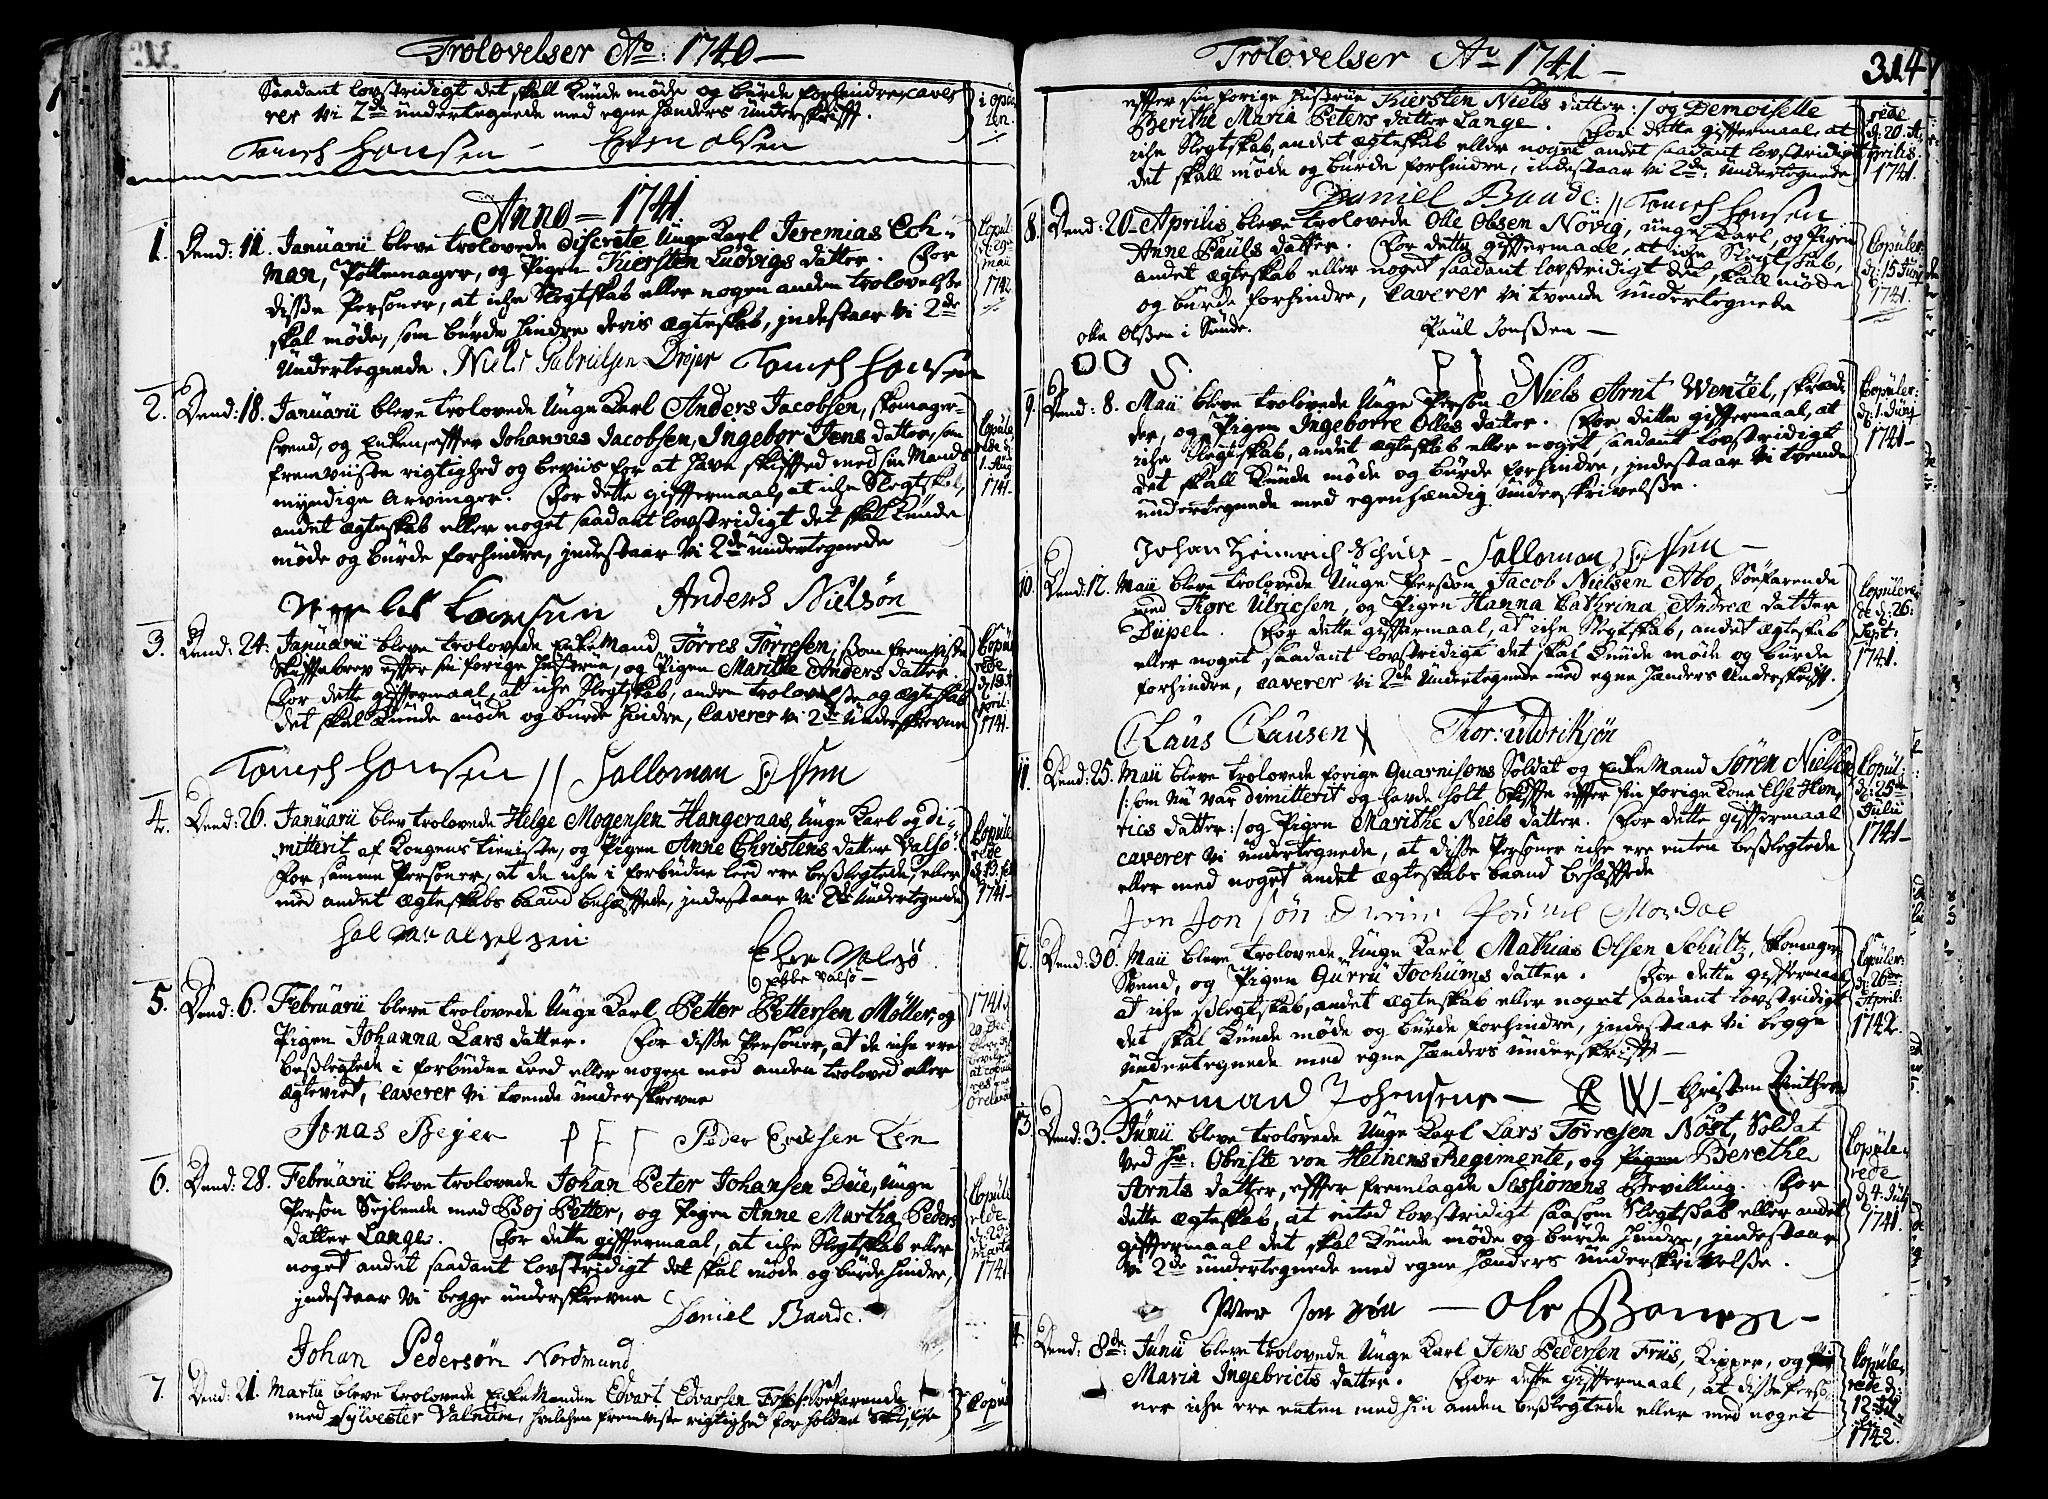 SAT, Ministerialprotokoller, klokkerbøker og fødselsregistre - Sør-Trøndelag, 602/L0103: Ministerialbok nr. 602A01, 1732-1774, s. 314